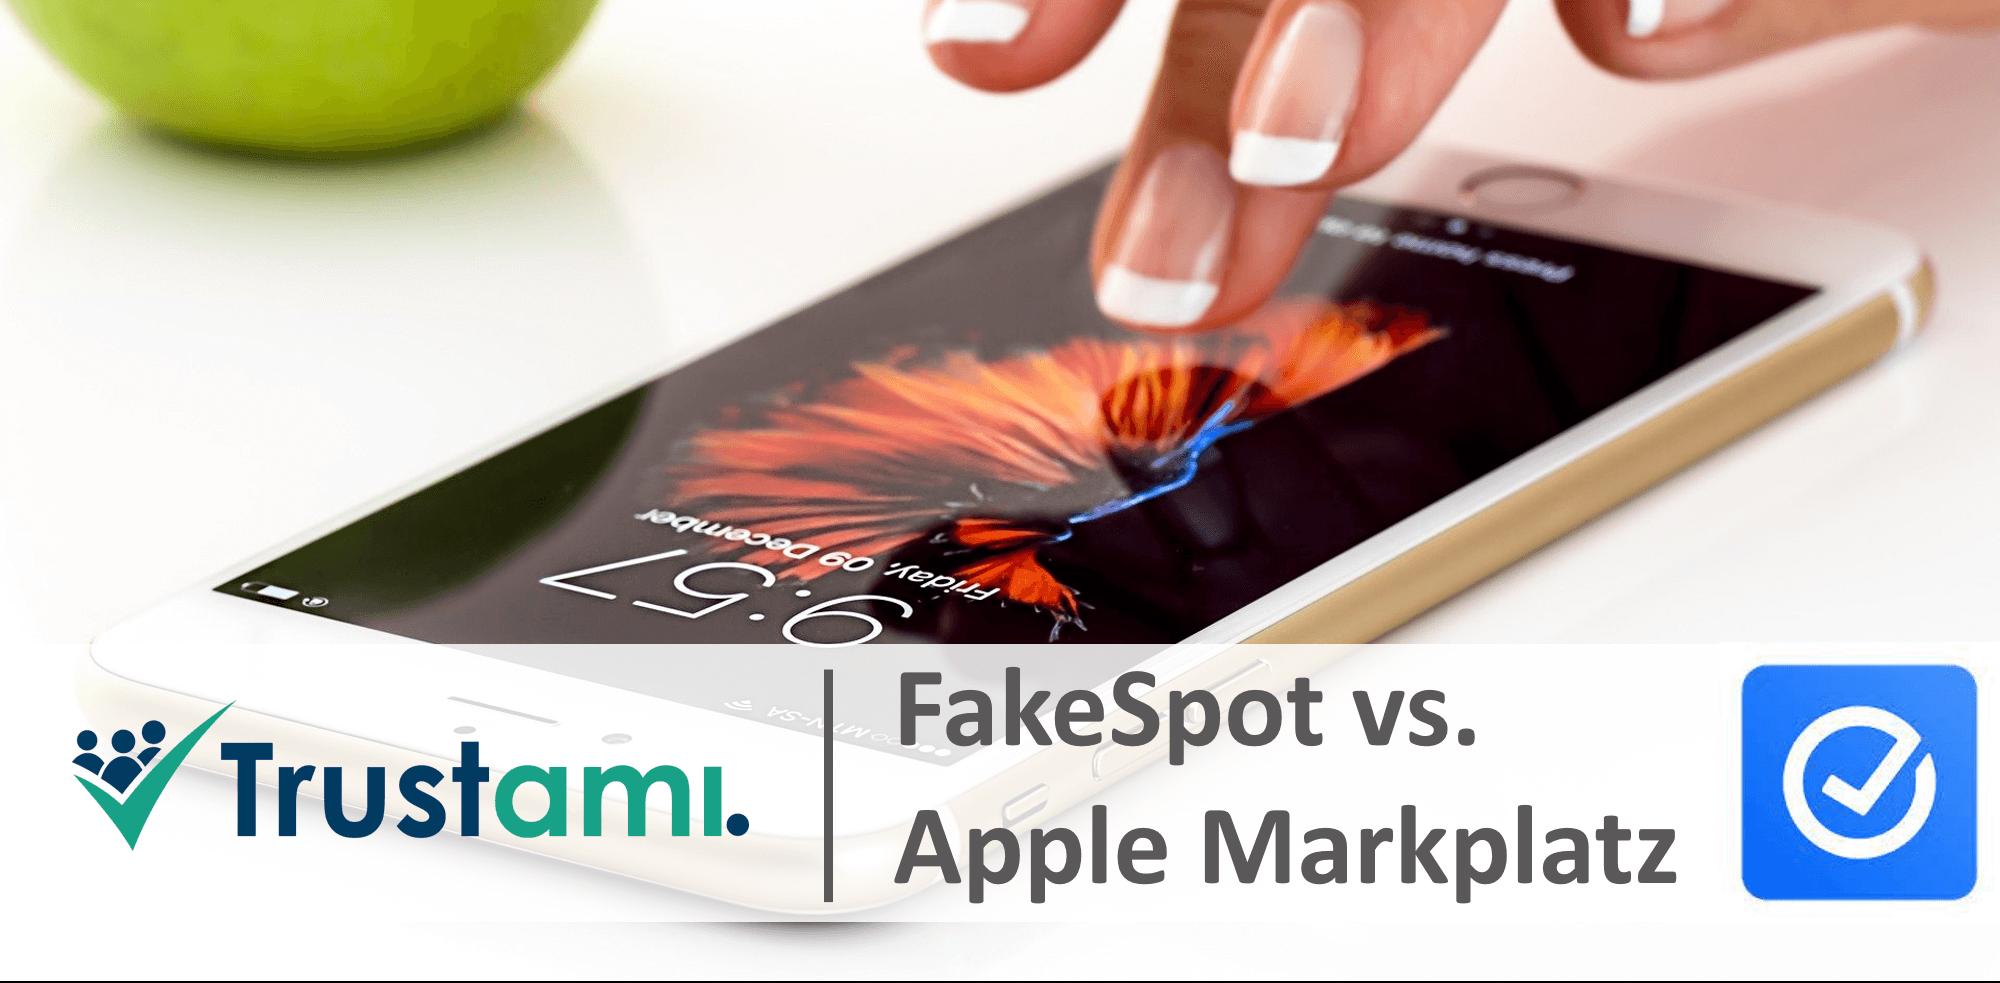 Fakespot vs Apple Marktplatz